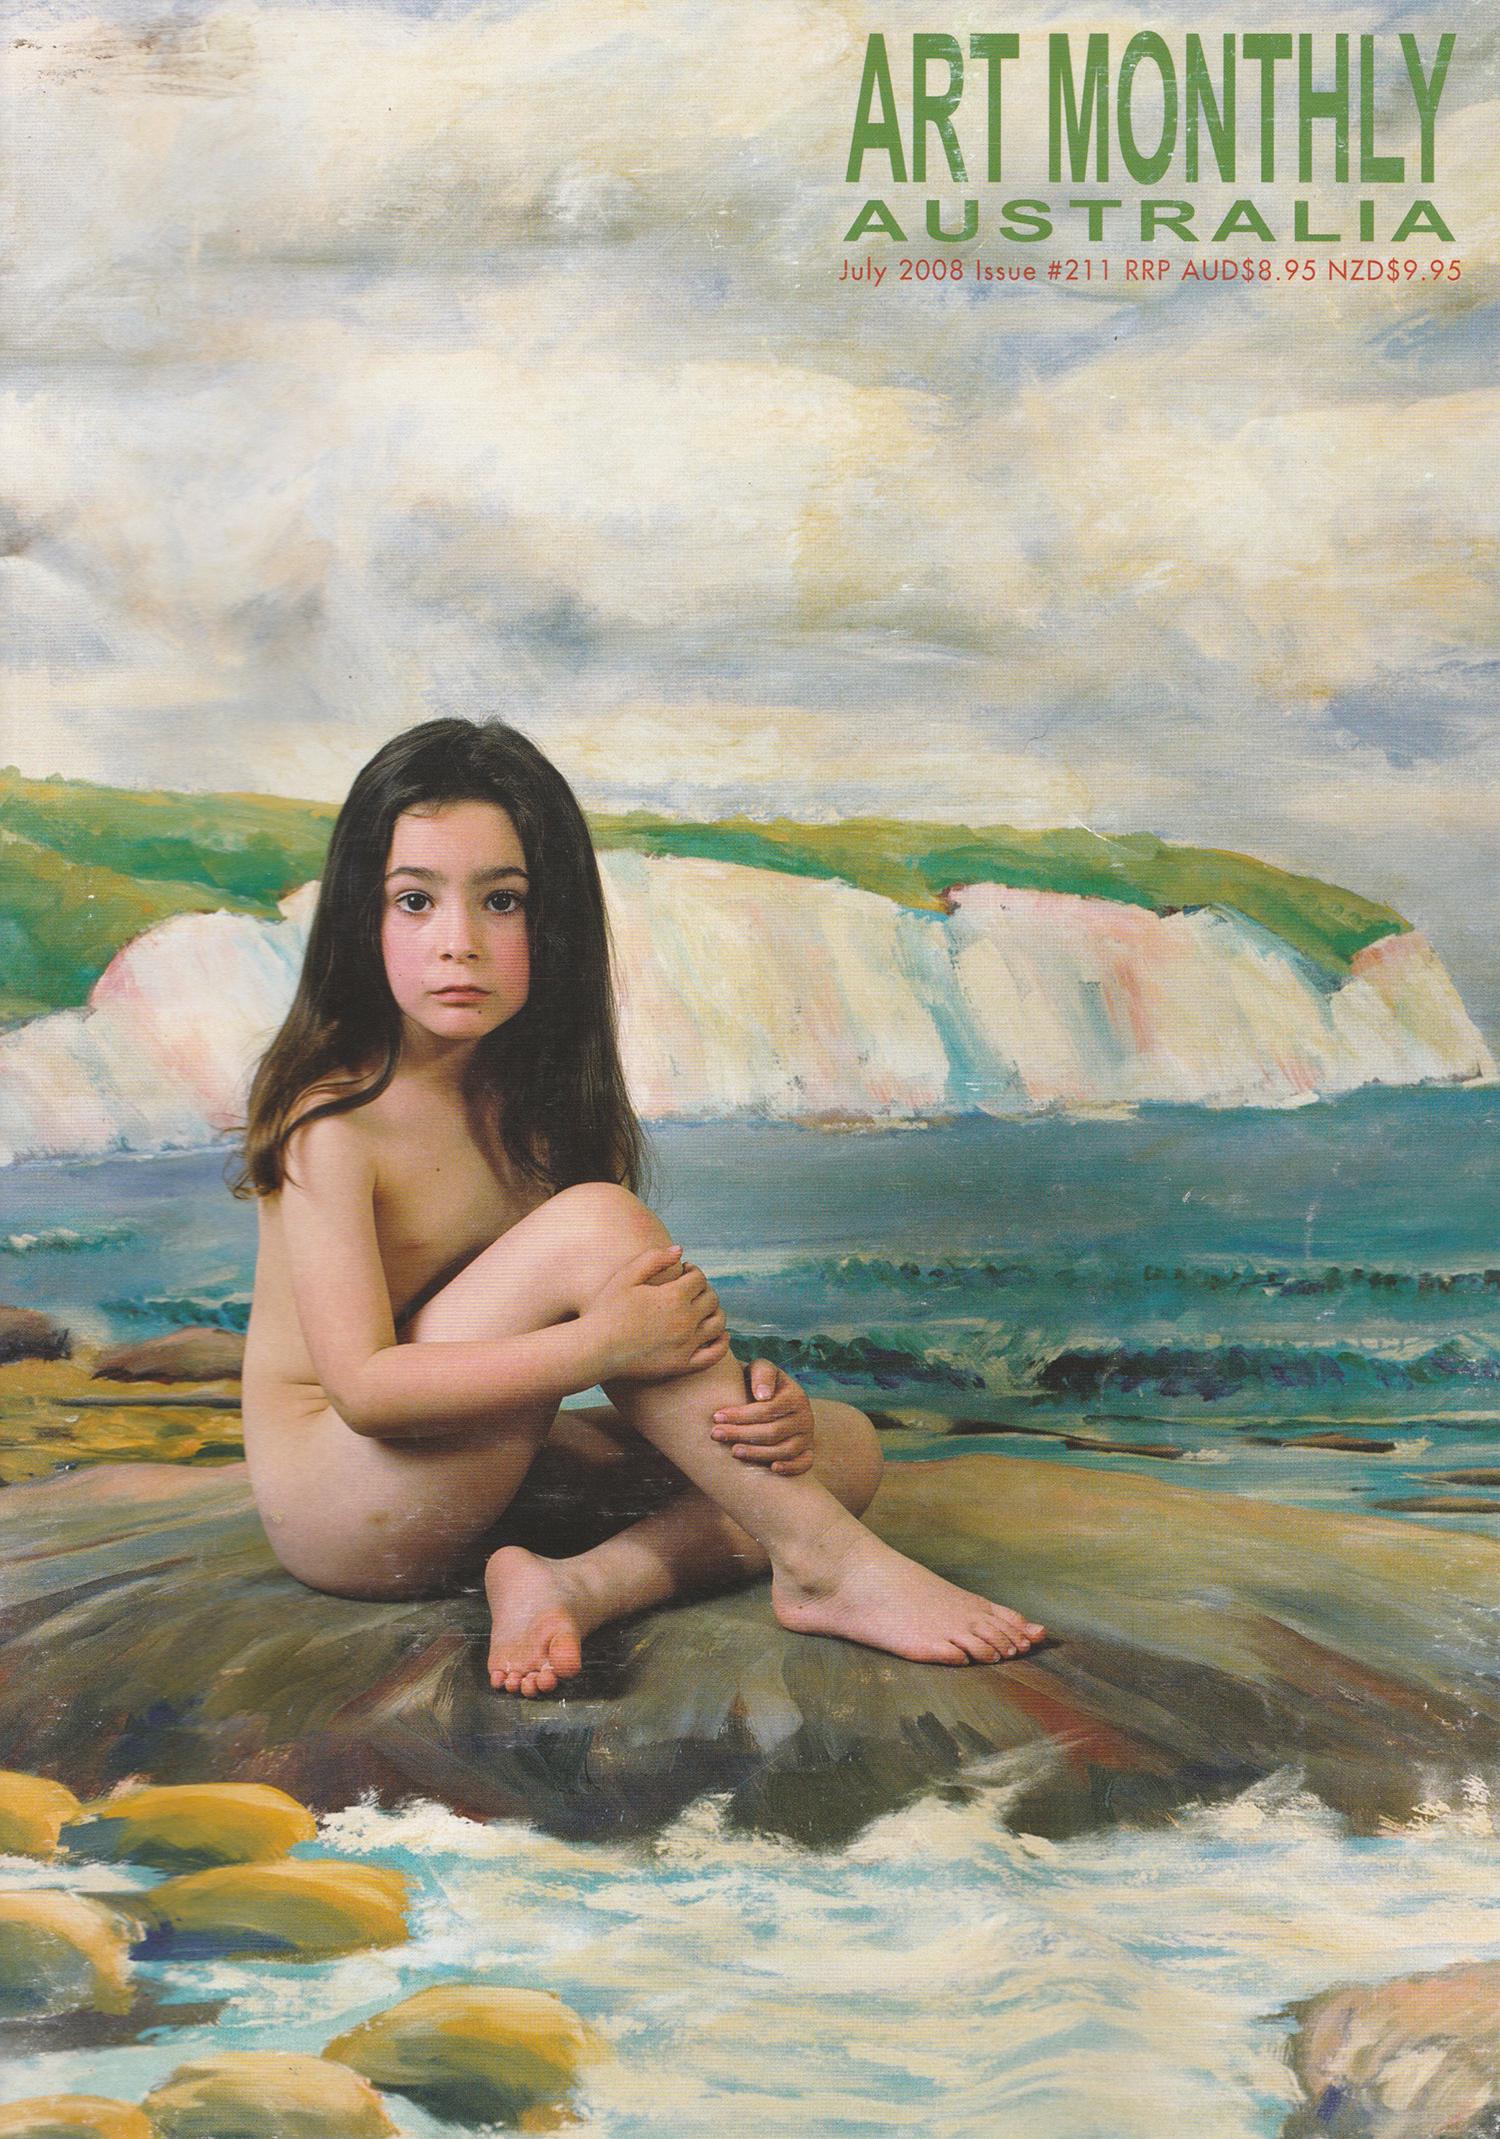 READ: Art Monthly Australia #211 2008